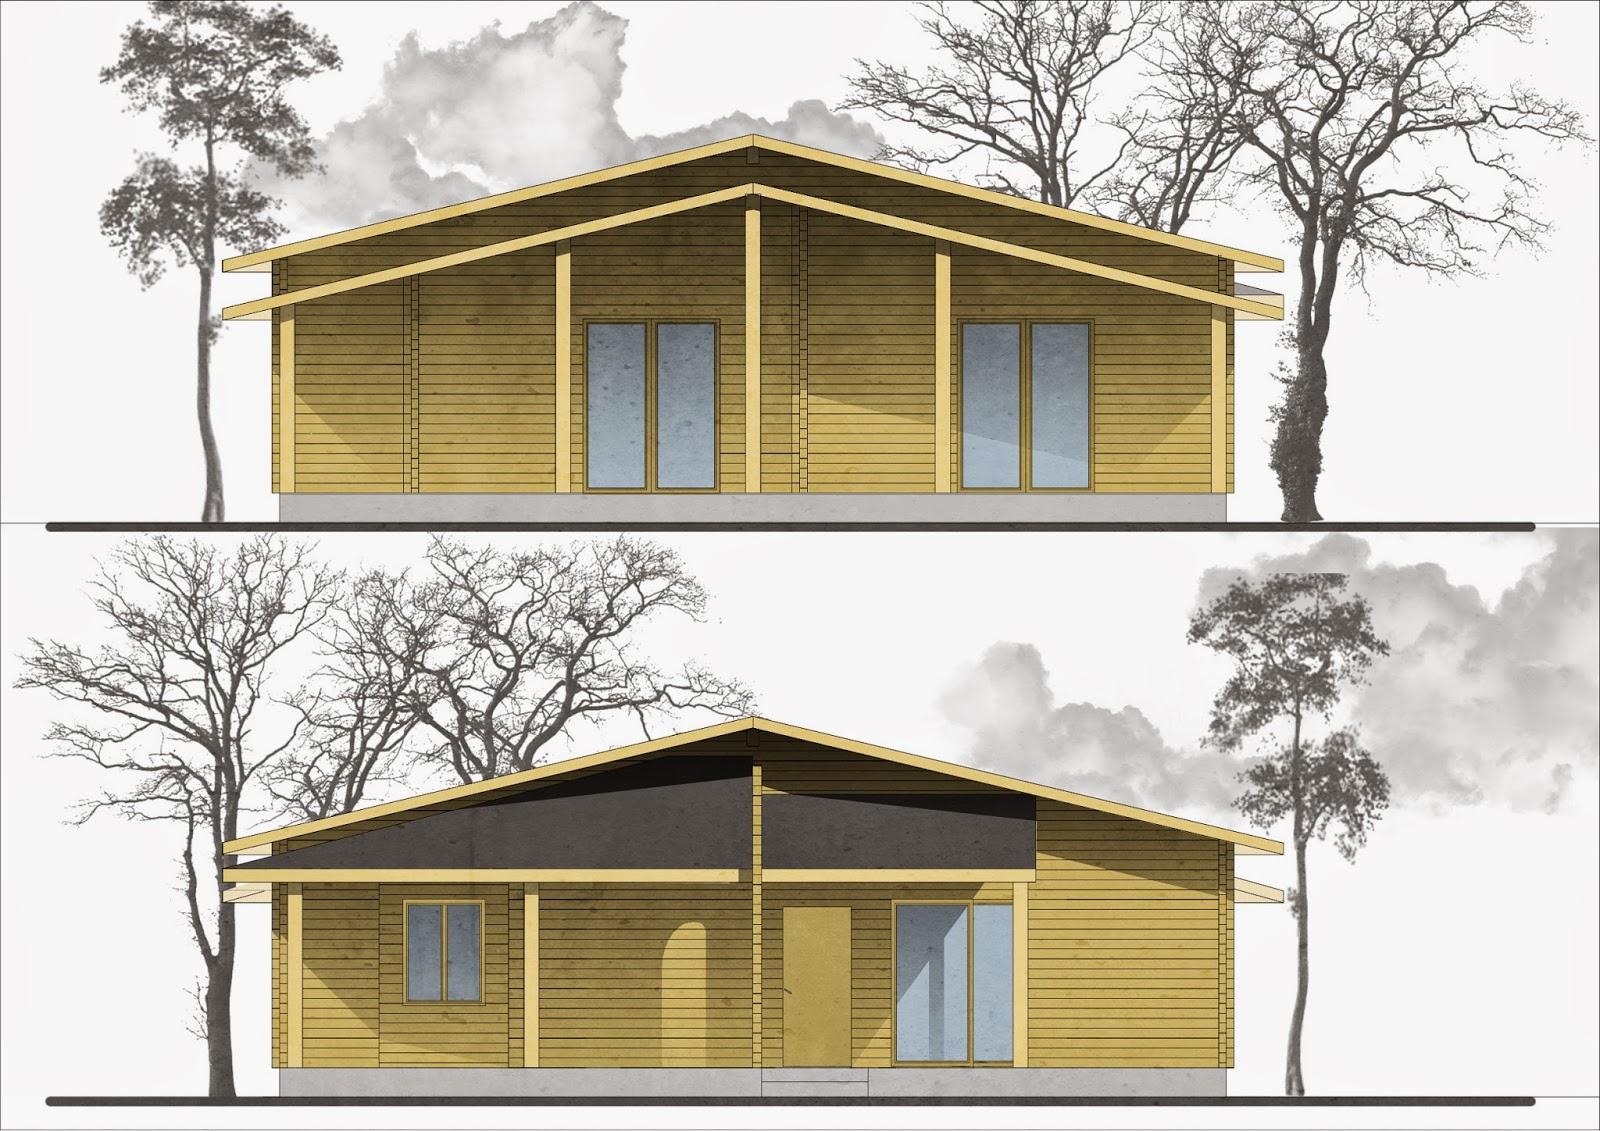 Progetto casa 75 mq free idee per rinnovare un con tocchi di design e un budget limitato - Progetto casa design ...